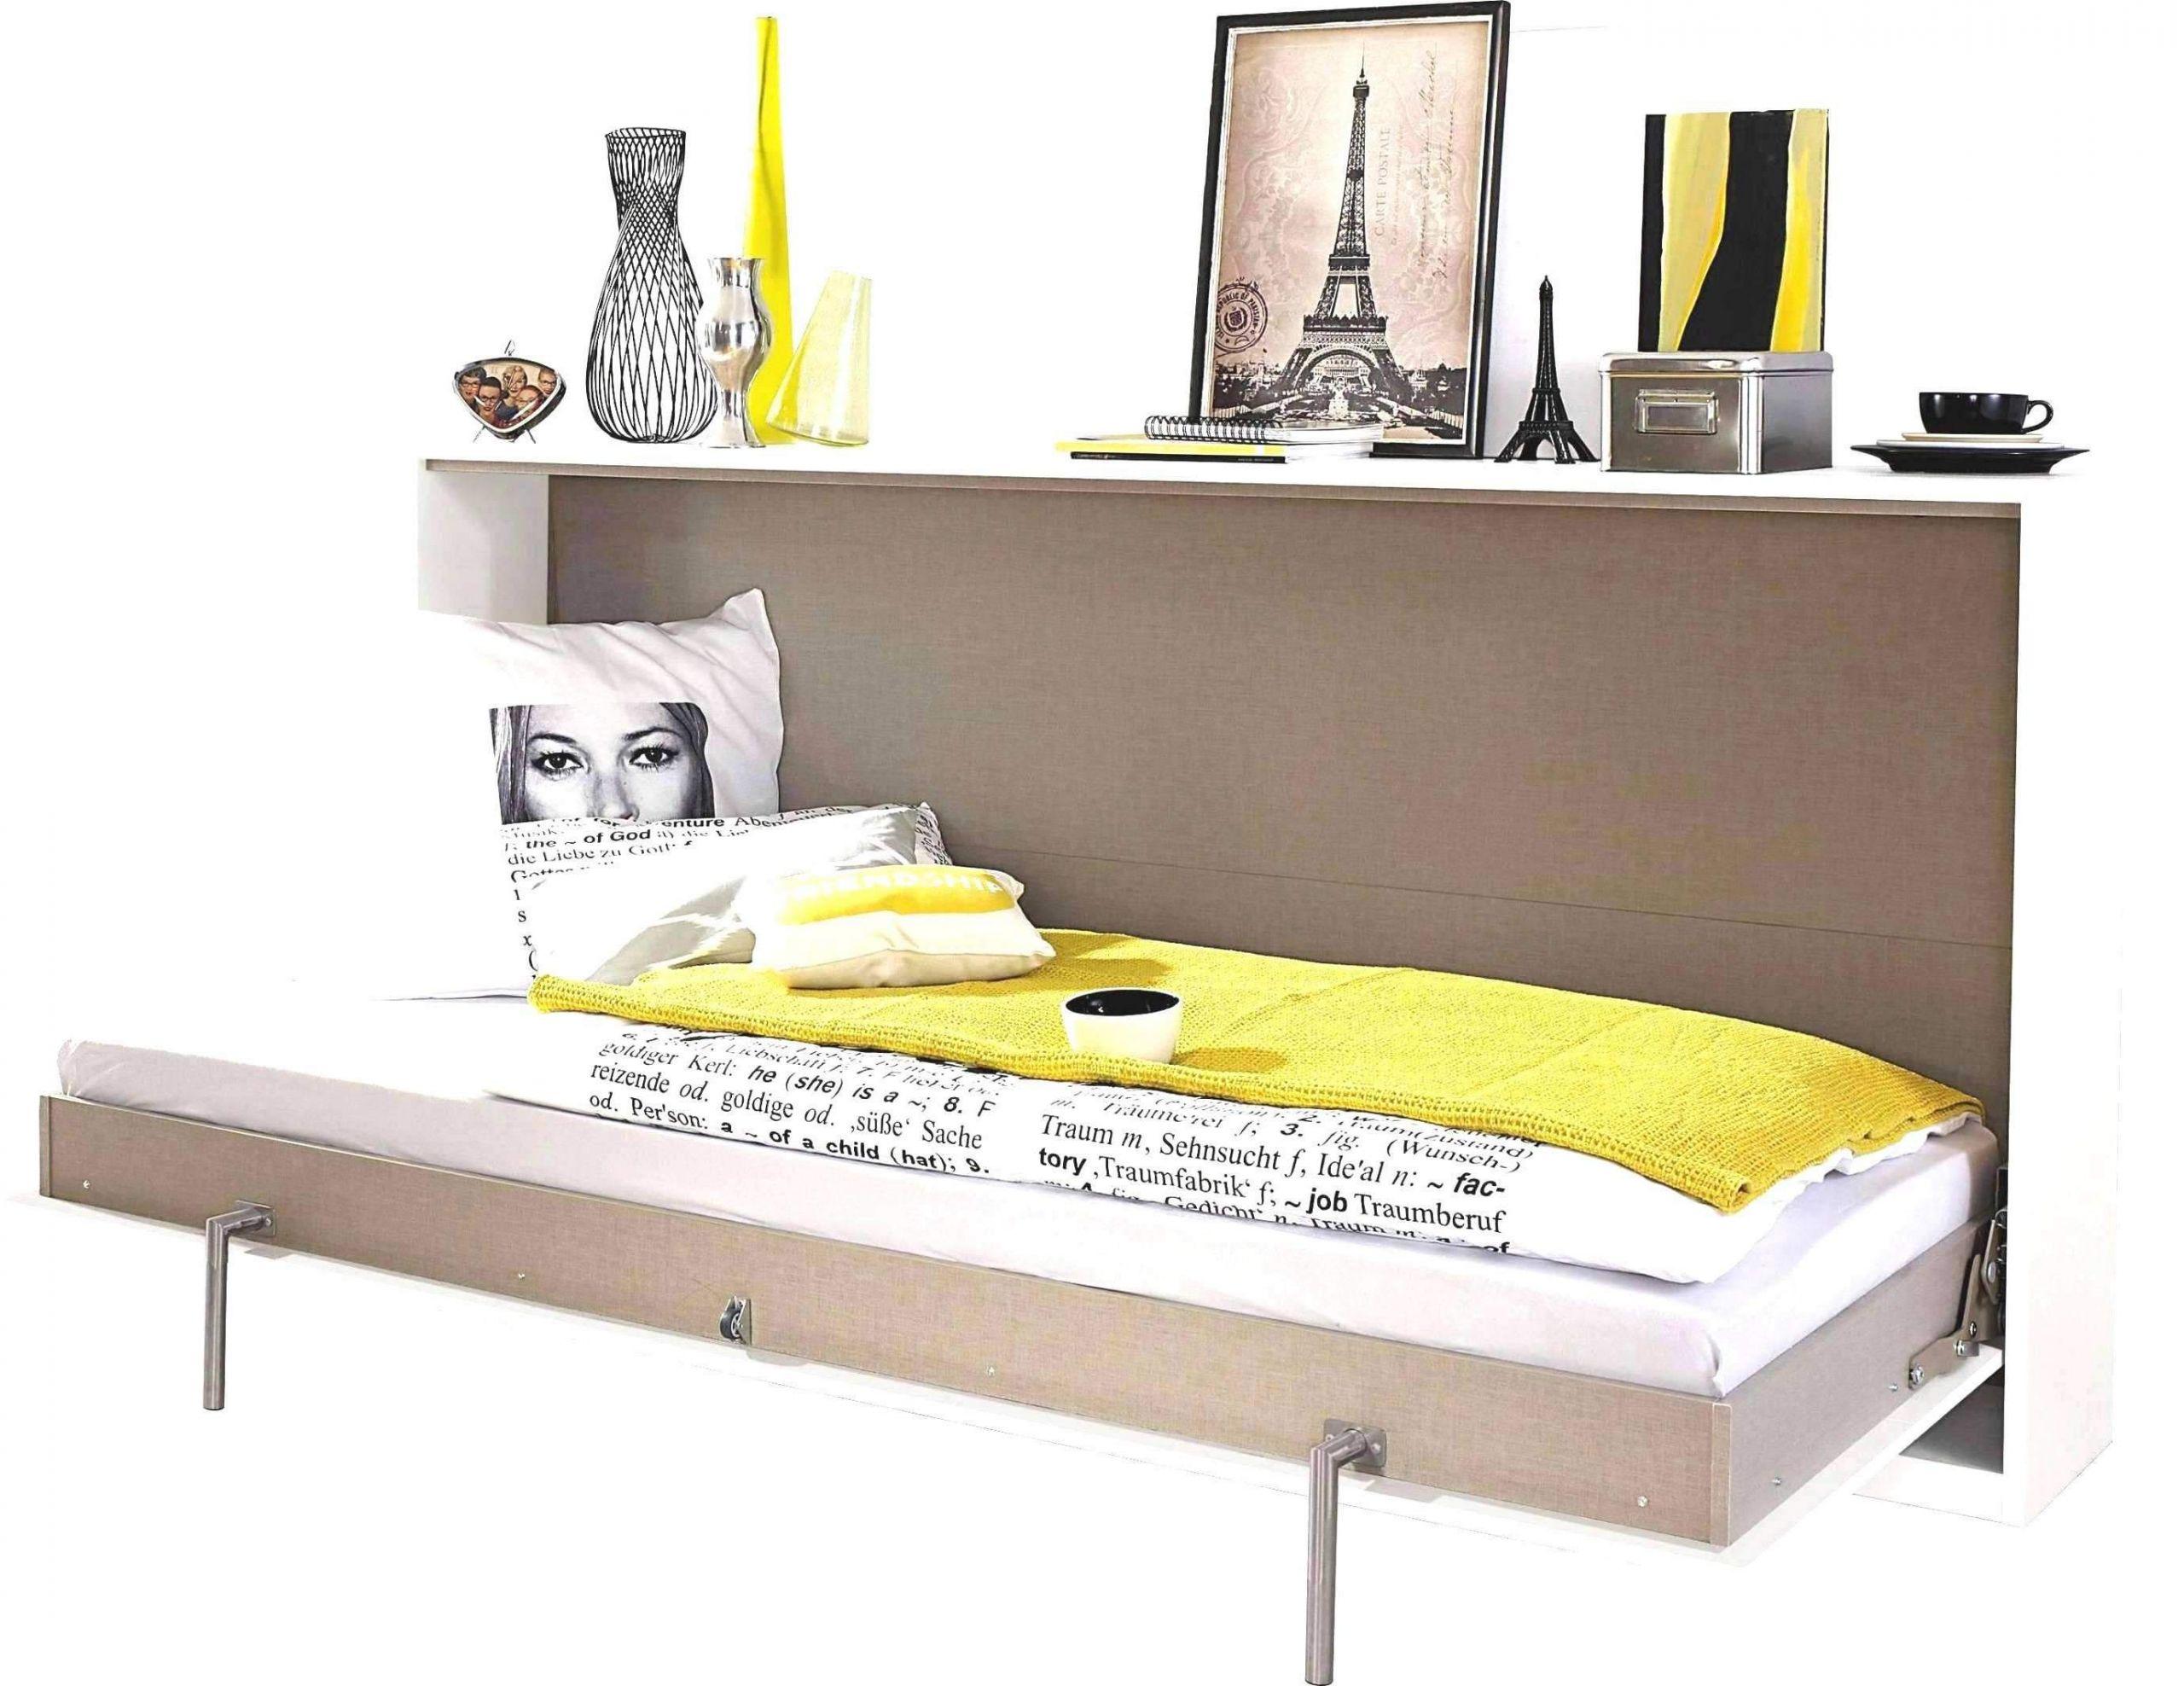 wanddeko ideen wohnzimmer schon 50 tolle von deko ideen wand konzept of wanddeko ideen wohnzimmer